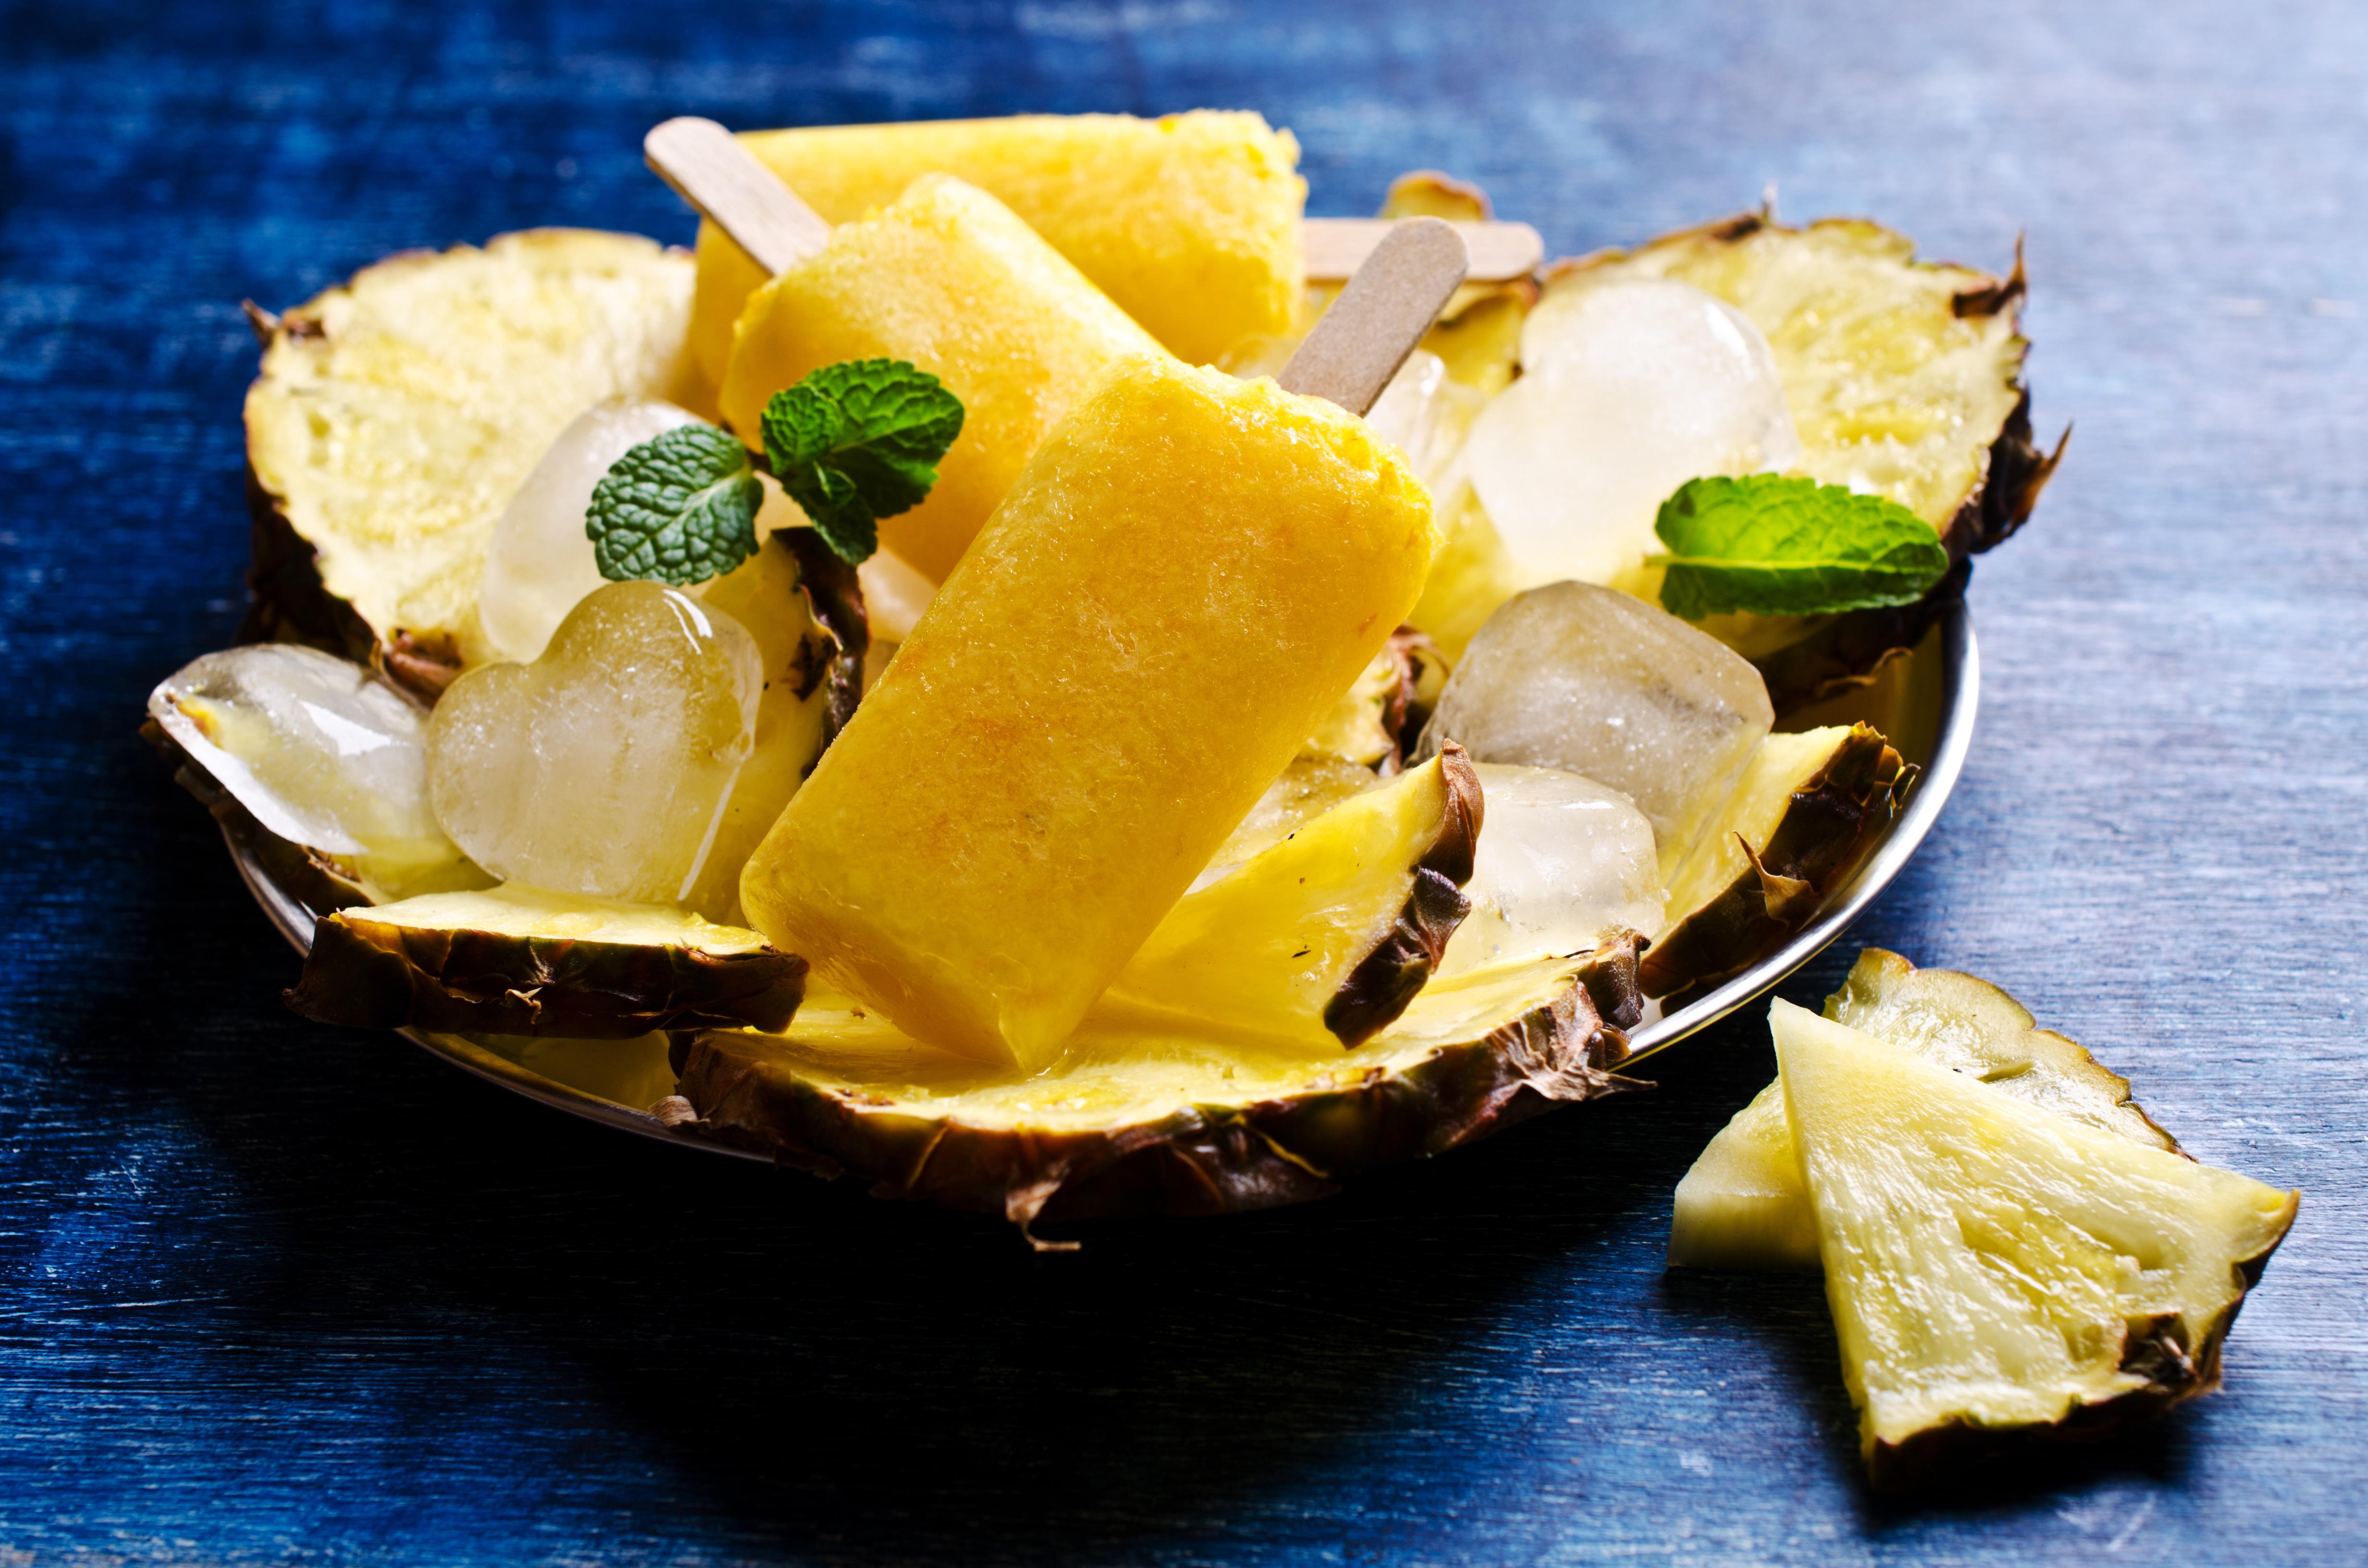 фото тайского десерта со льдом окончания